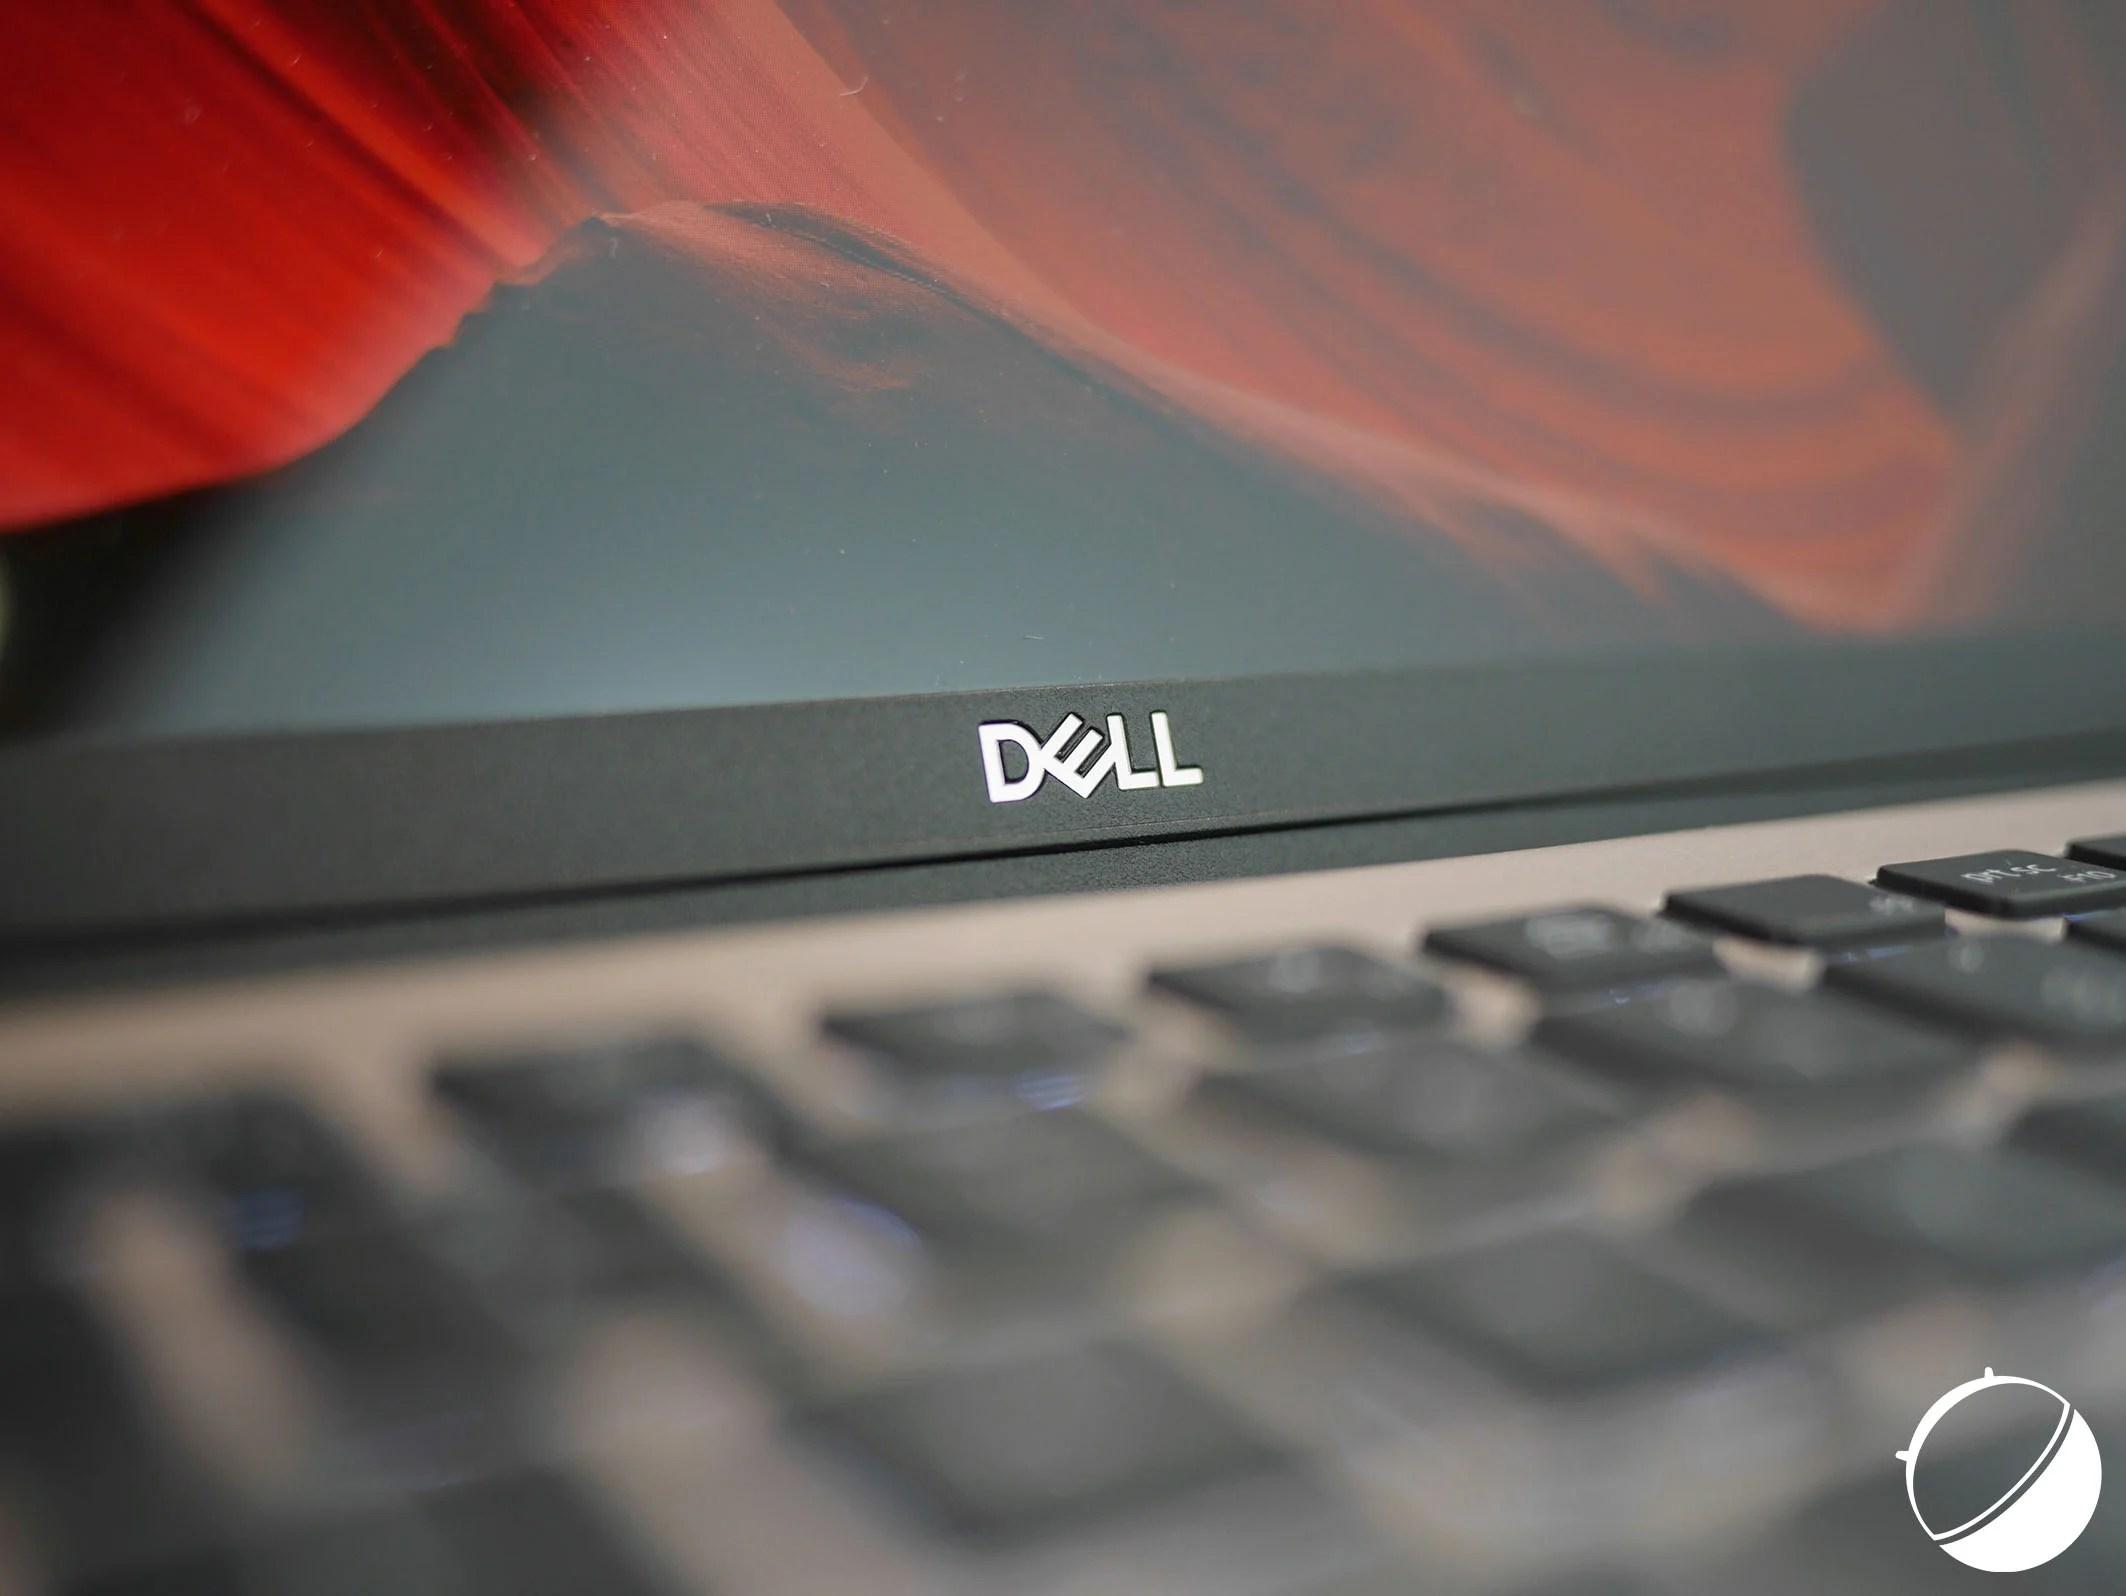 Dell Inspiron 14 7000 : nos photos du PC qui se prend pour un XPS